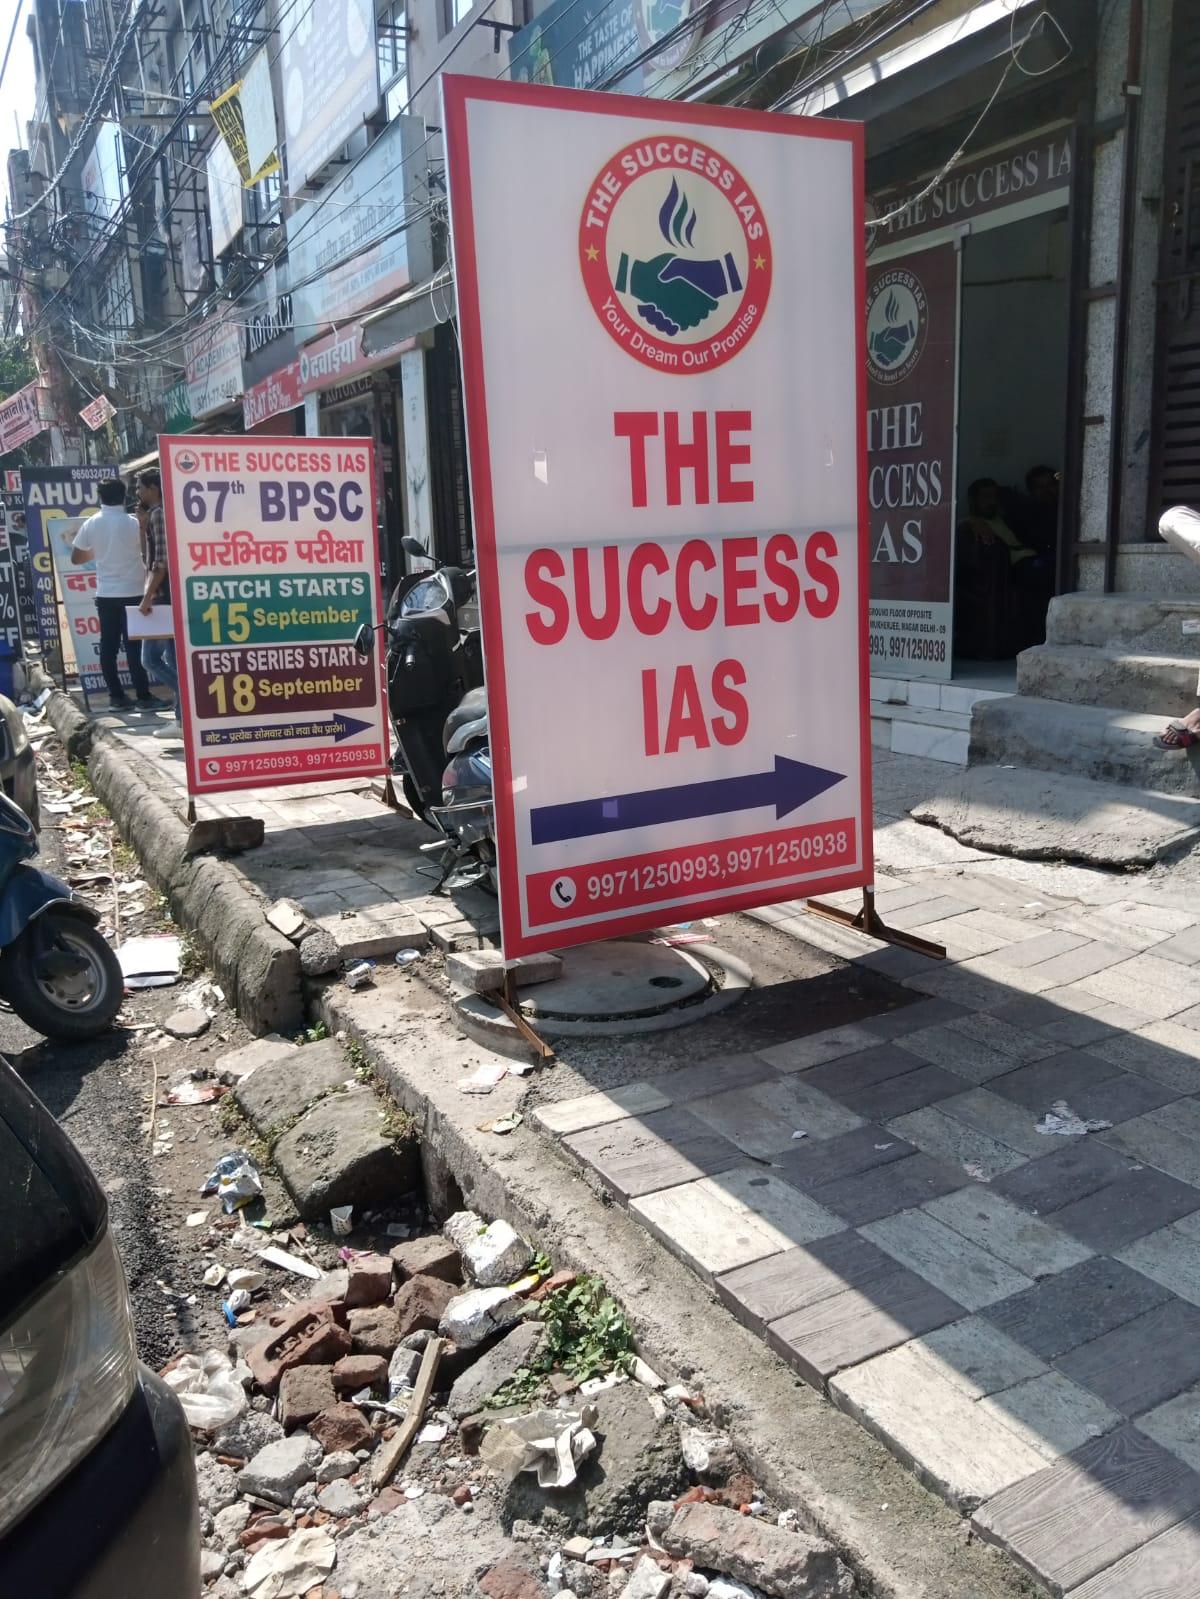 THE SUCCESS IAS Logo